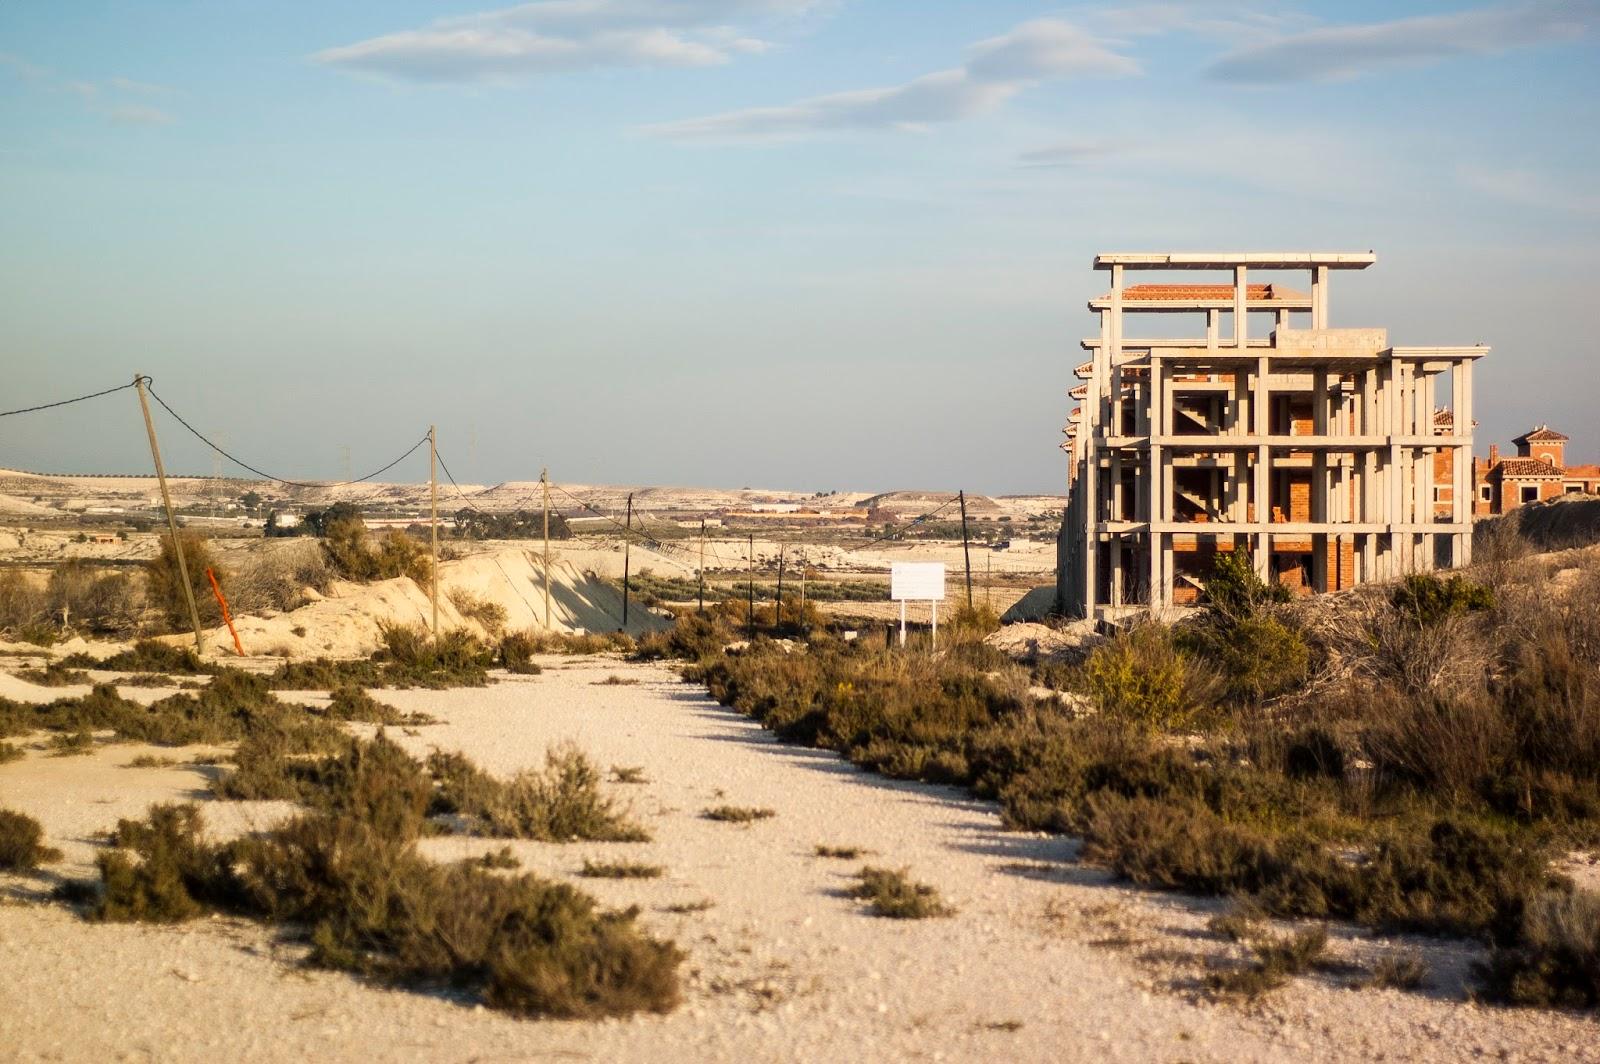 Inmobiliaria sin espacio en España Costa dorada con